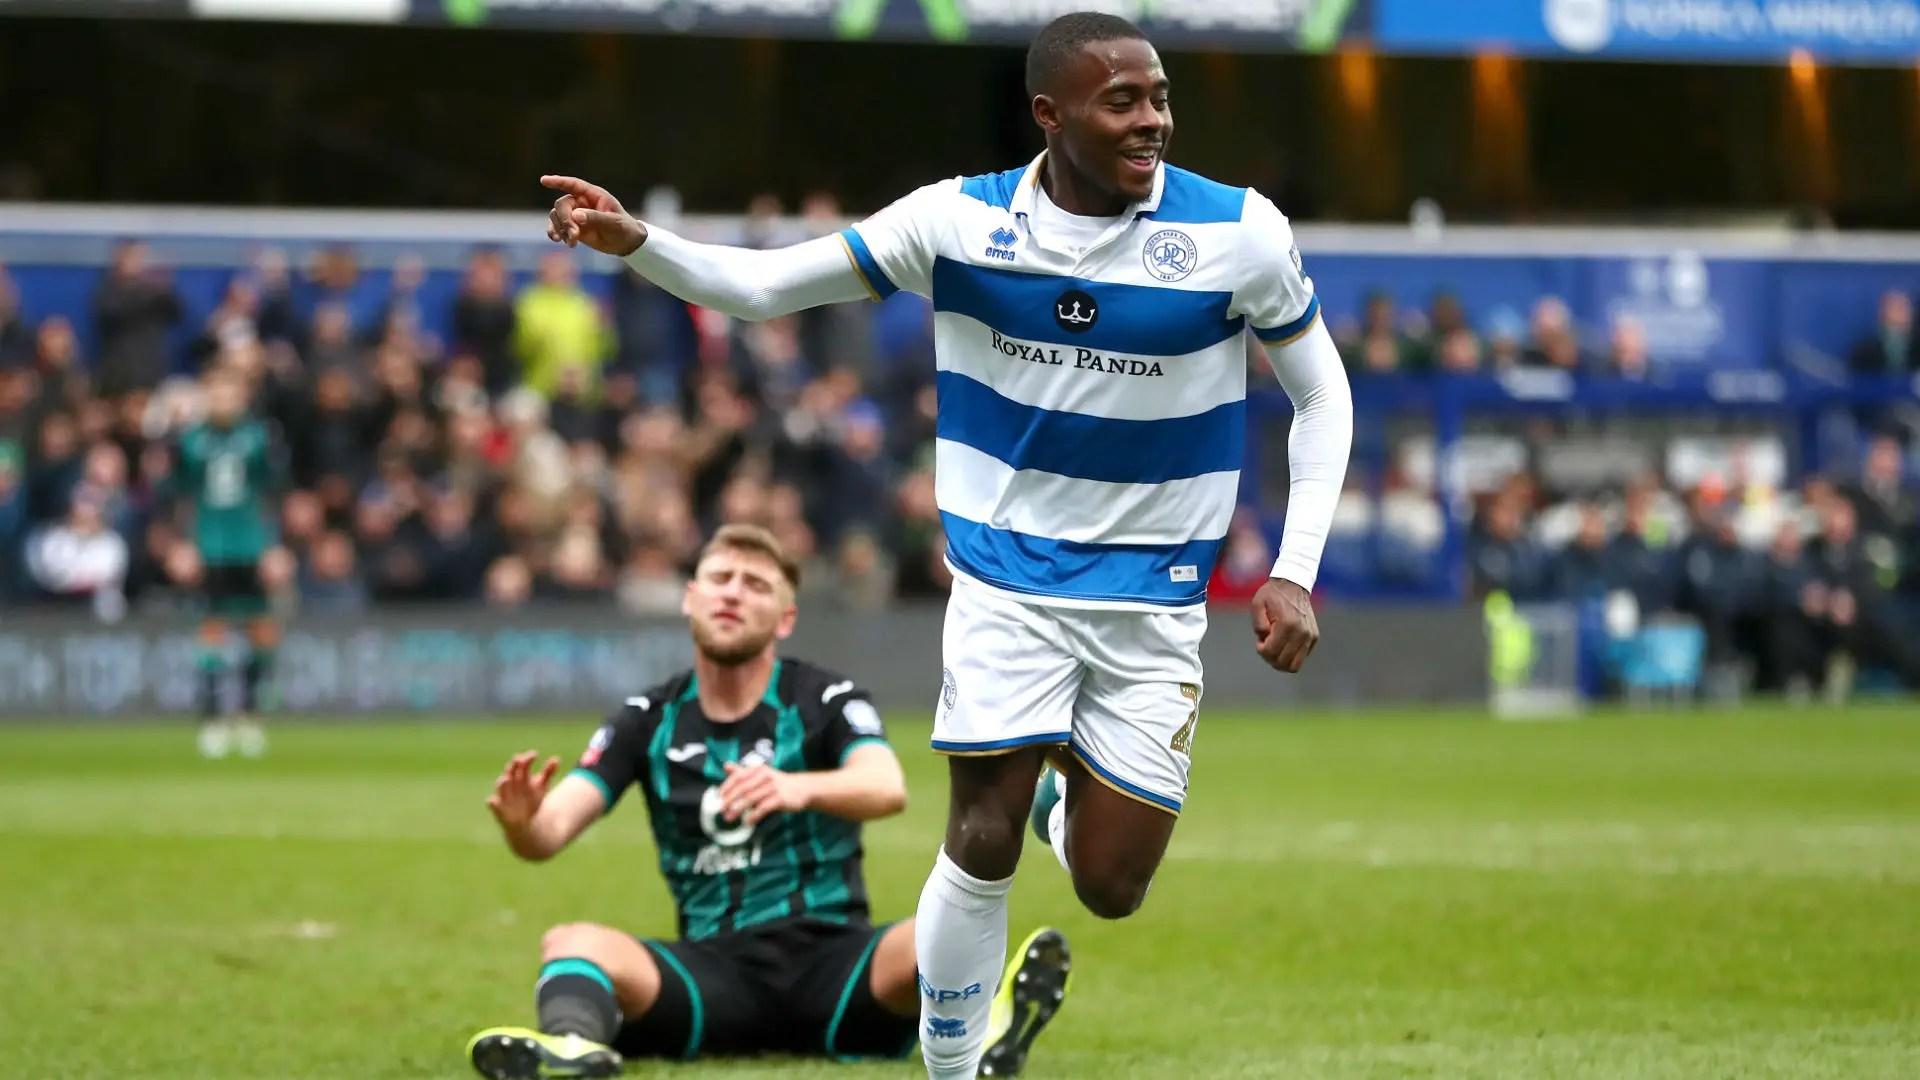 Osayi-Samuel Keen To Emulate QPR Legend Sinclair